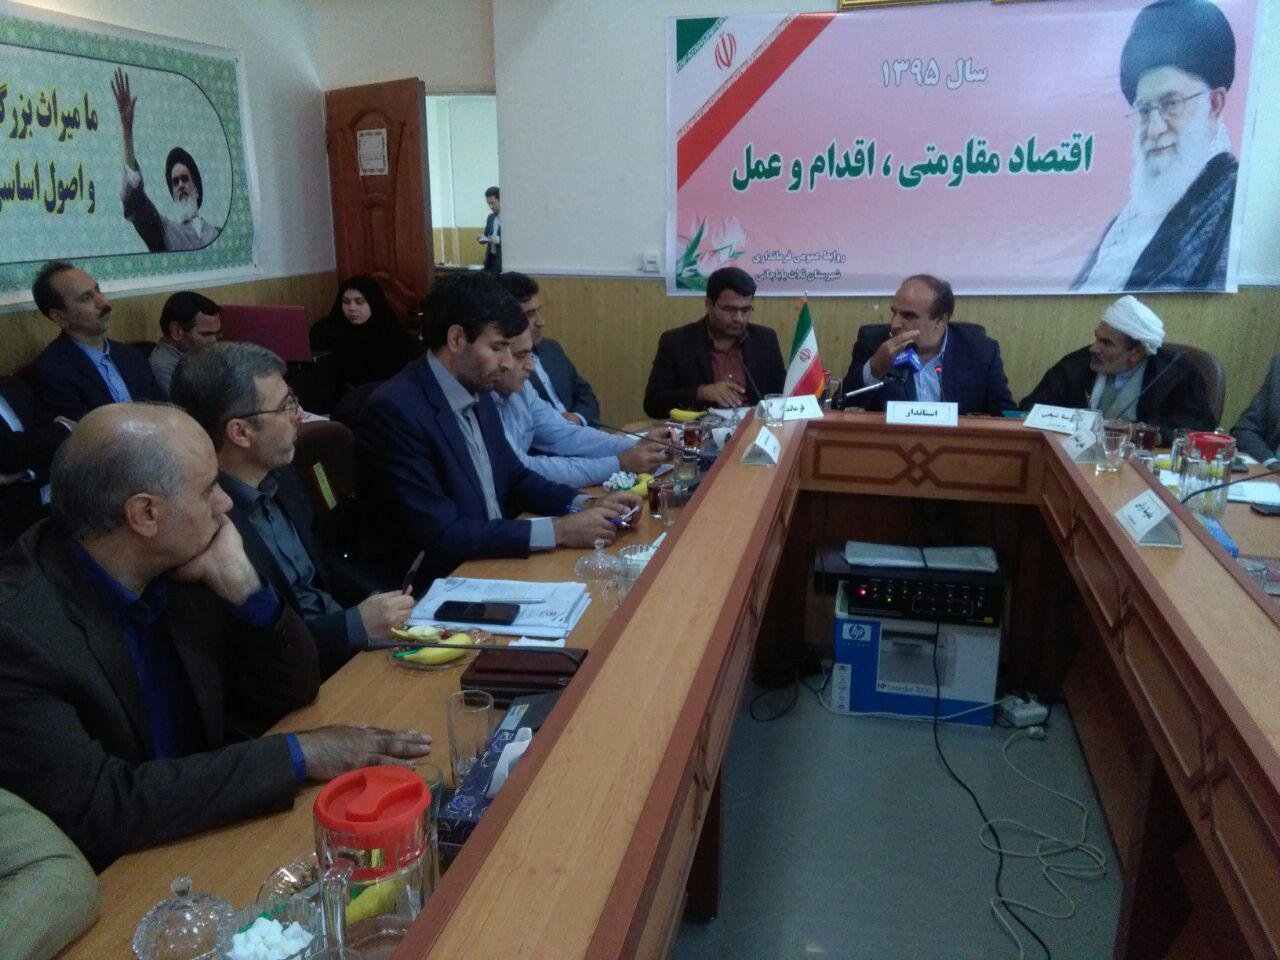 گزارش تصویری بازدید استاندار و نماینده اورامانات از شهرستان مرزی ثلاث باباجانی